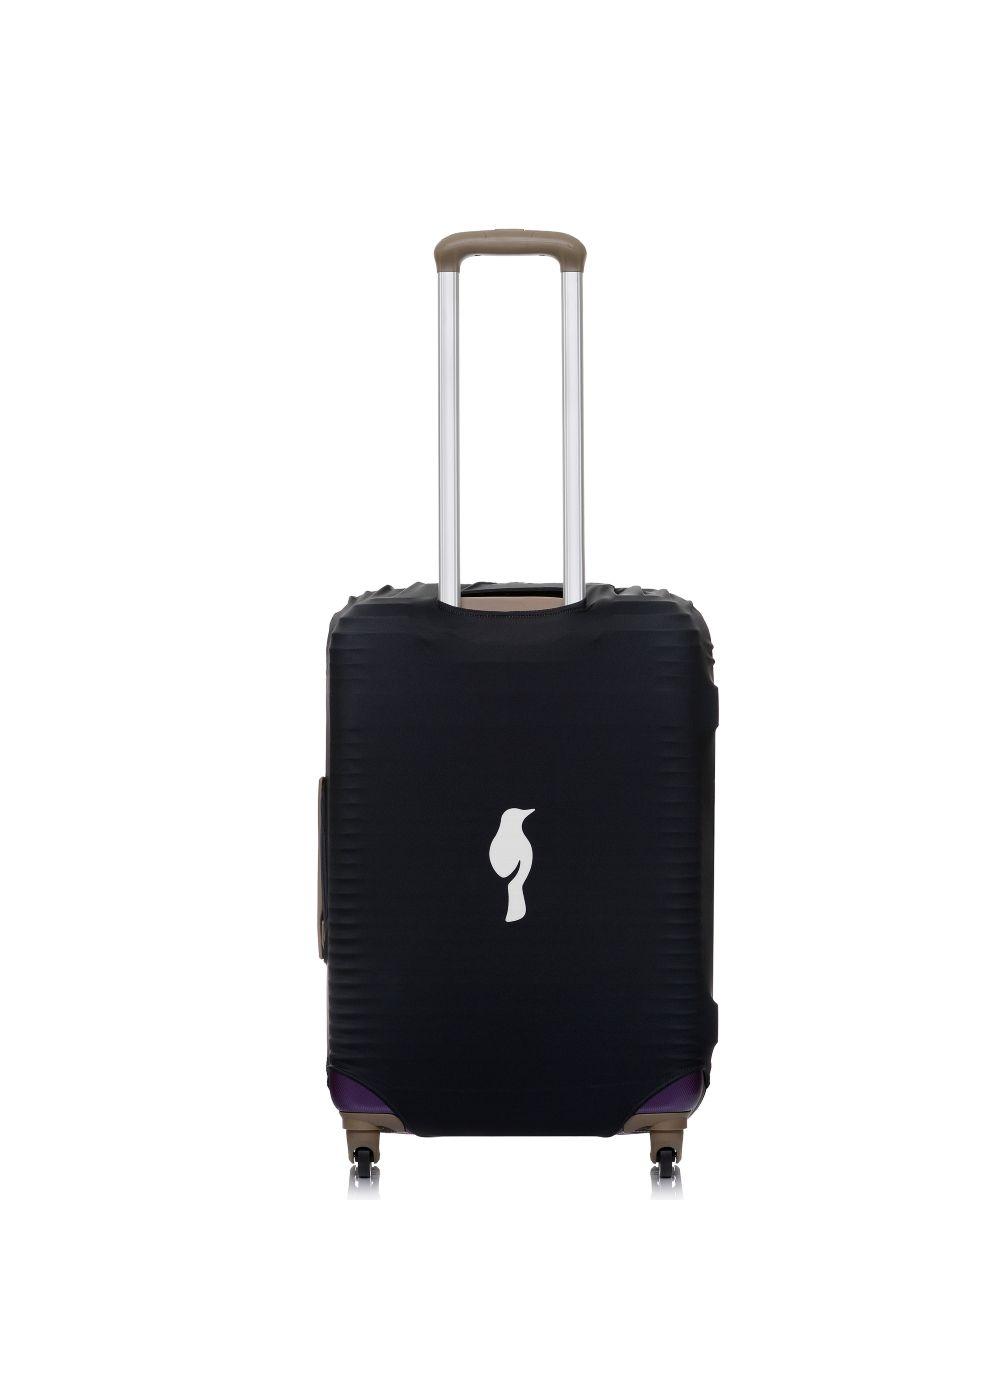 Pokrowiec na małą walizkę AW-002-0002-99(W18)